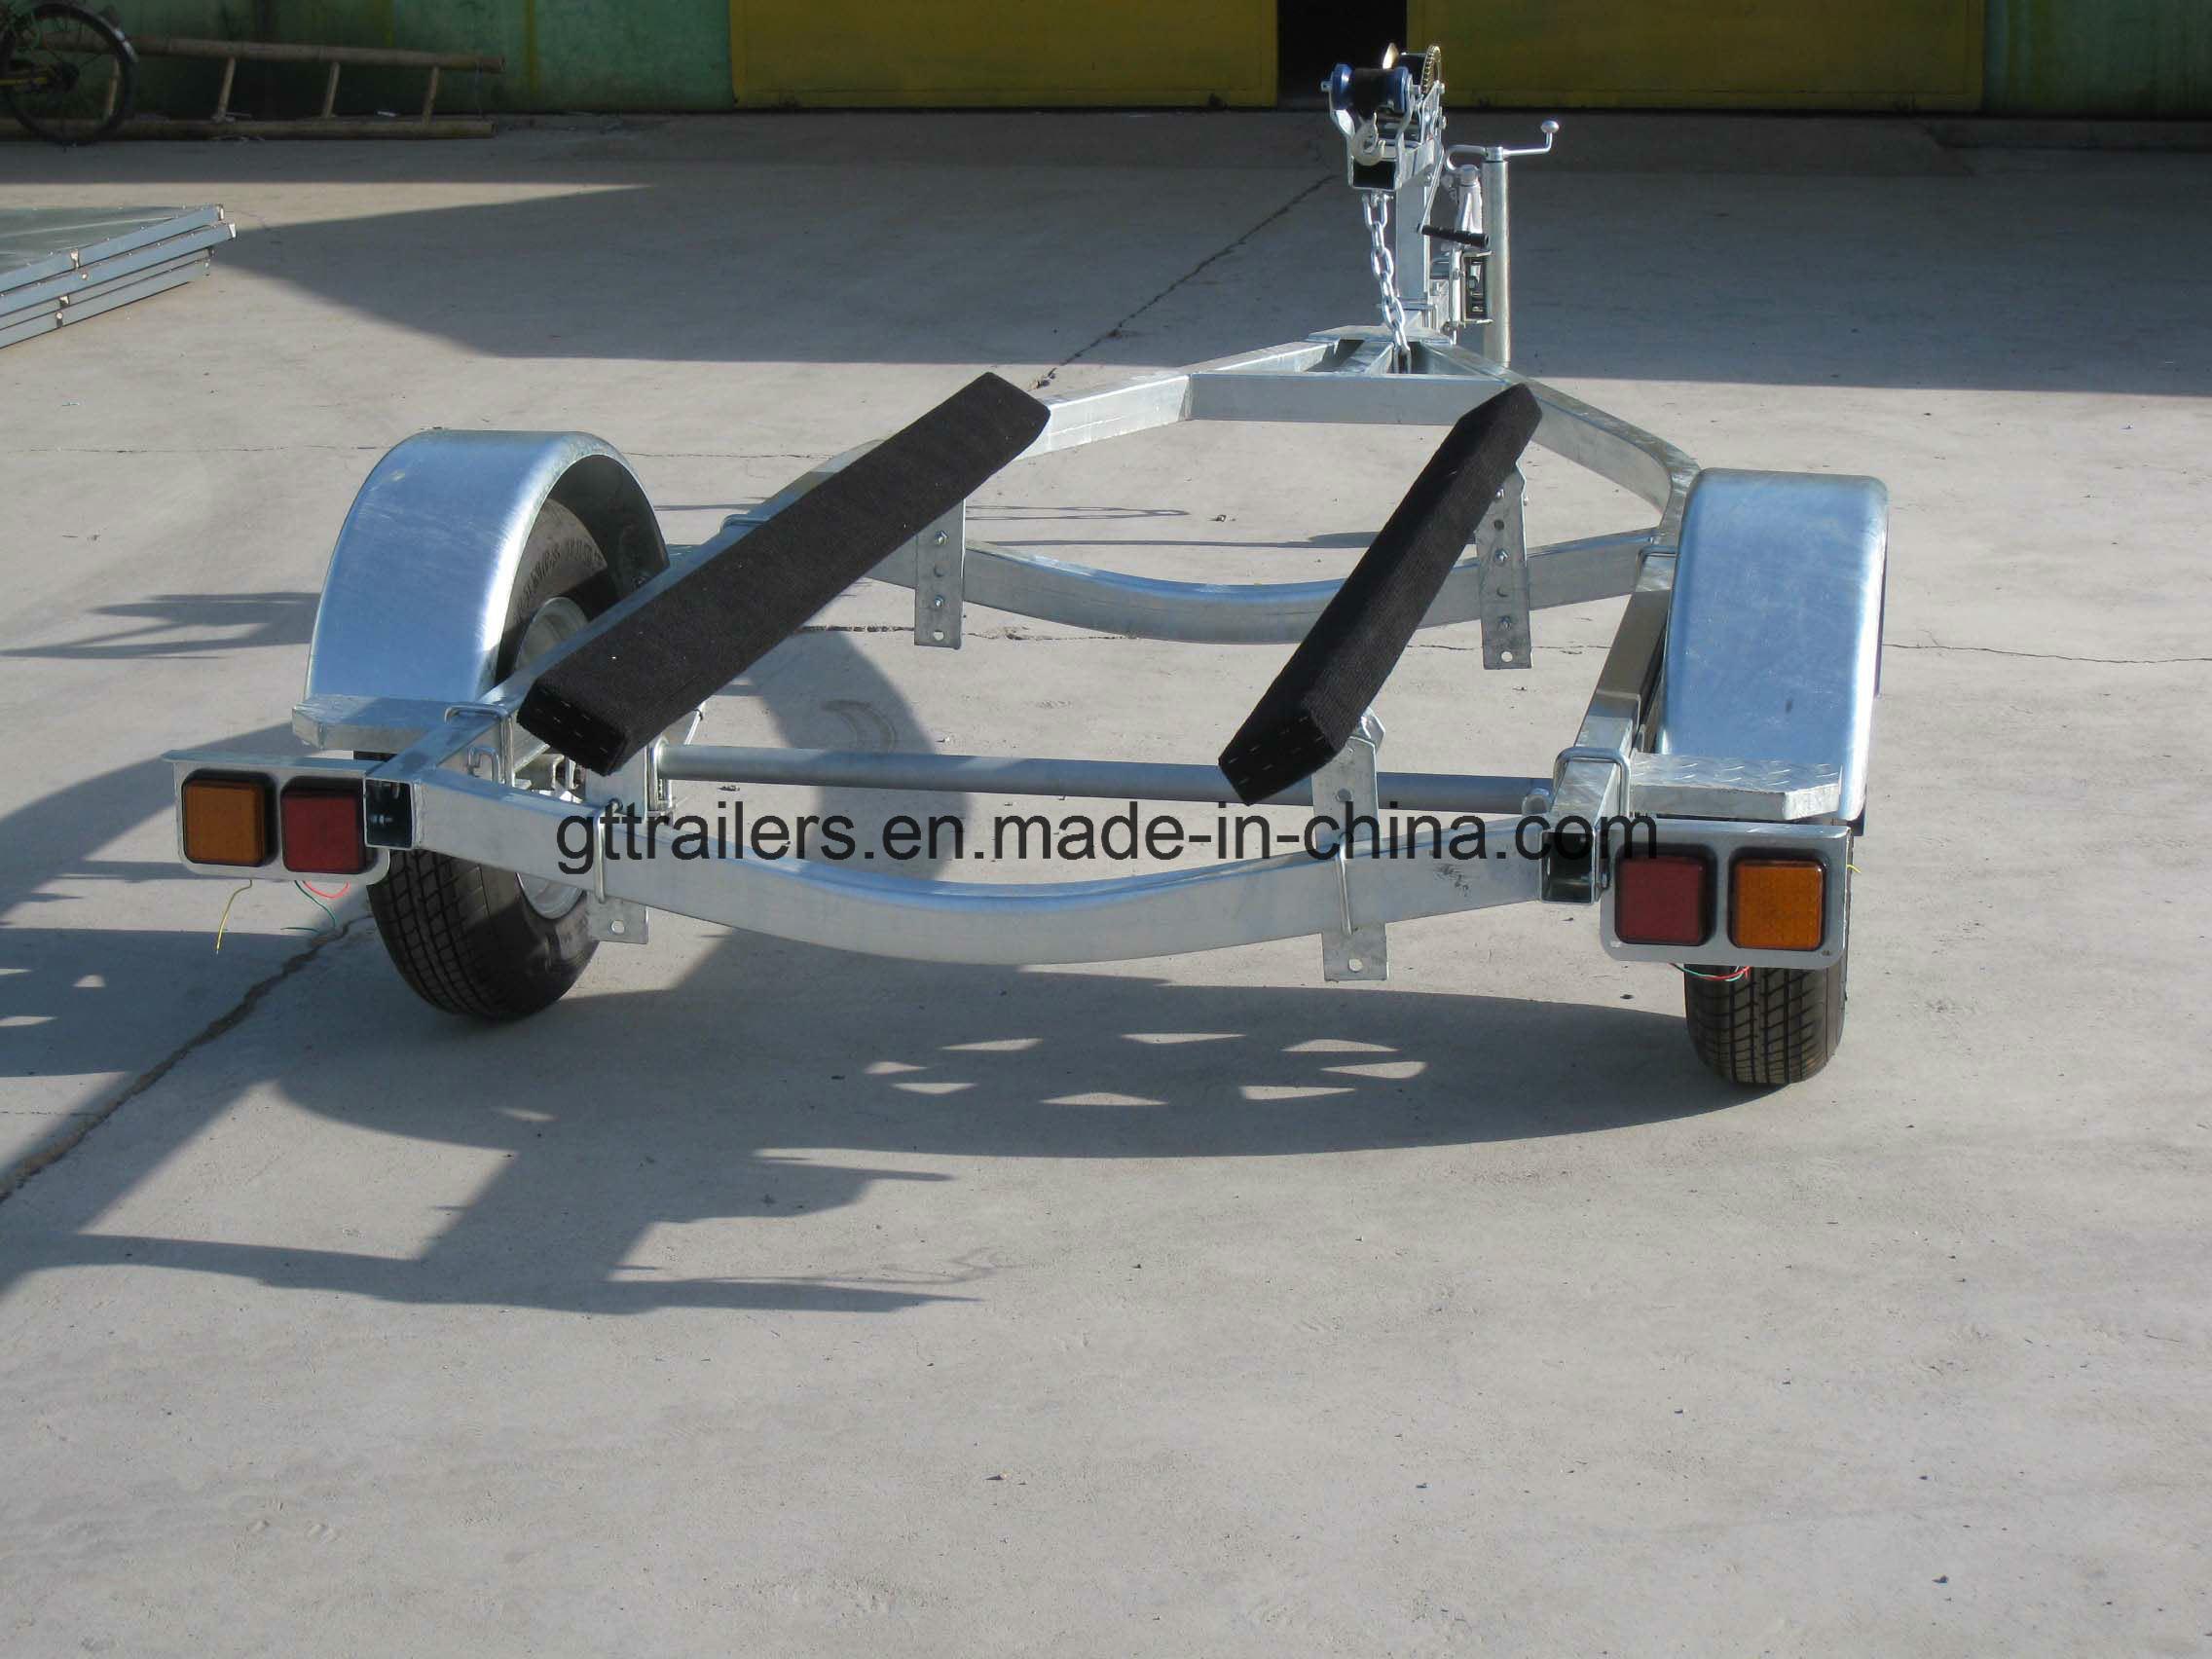 Hot DIP Galvanized Jet Ski Trailer (TR0501B)